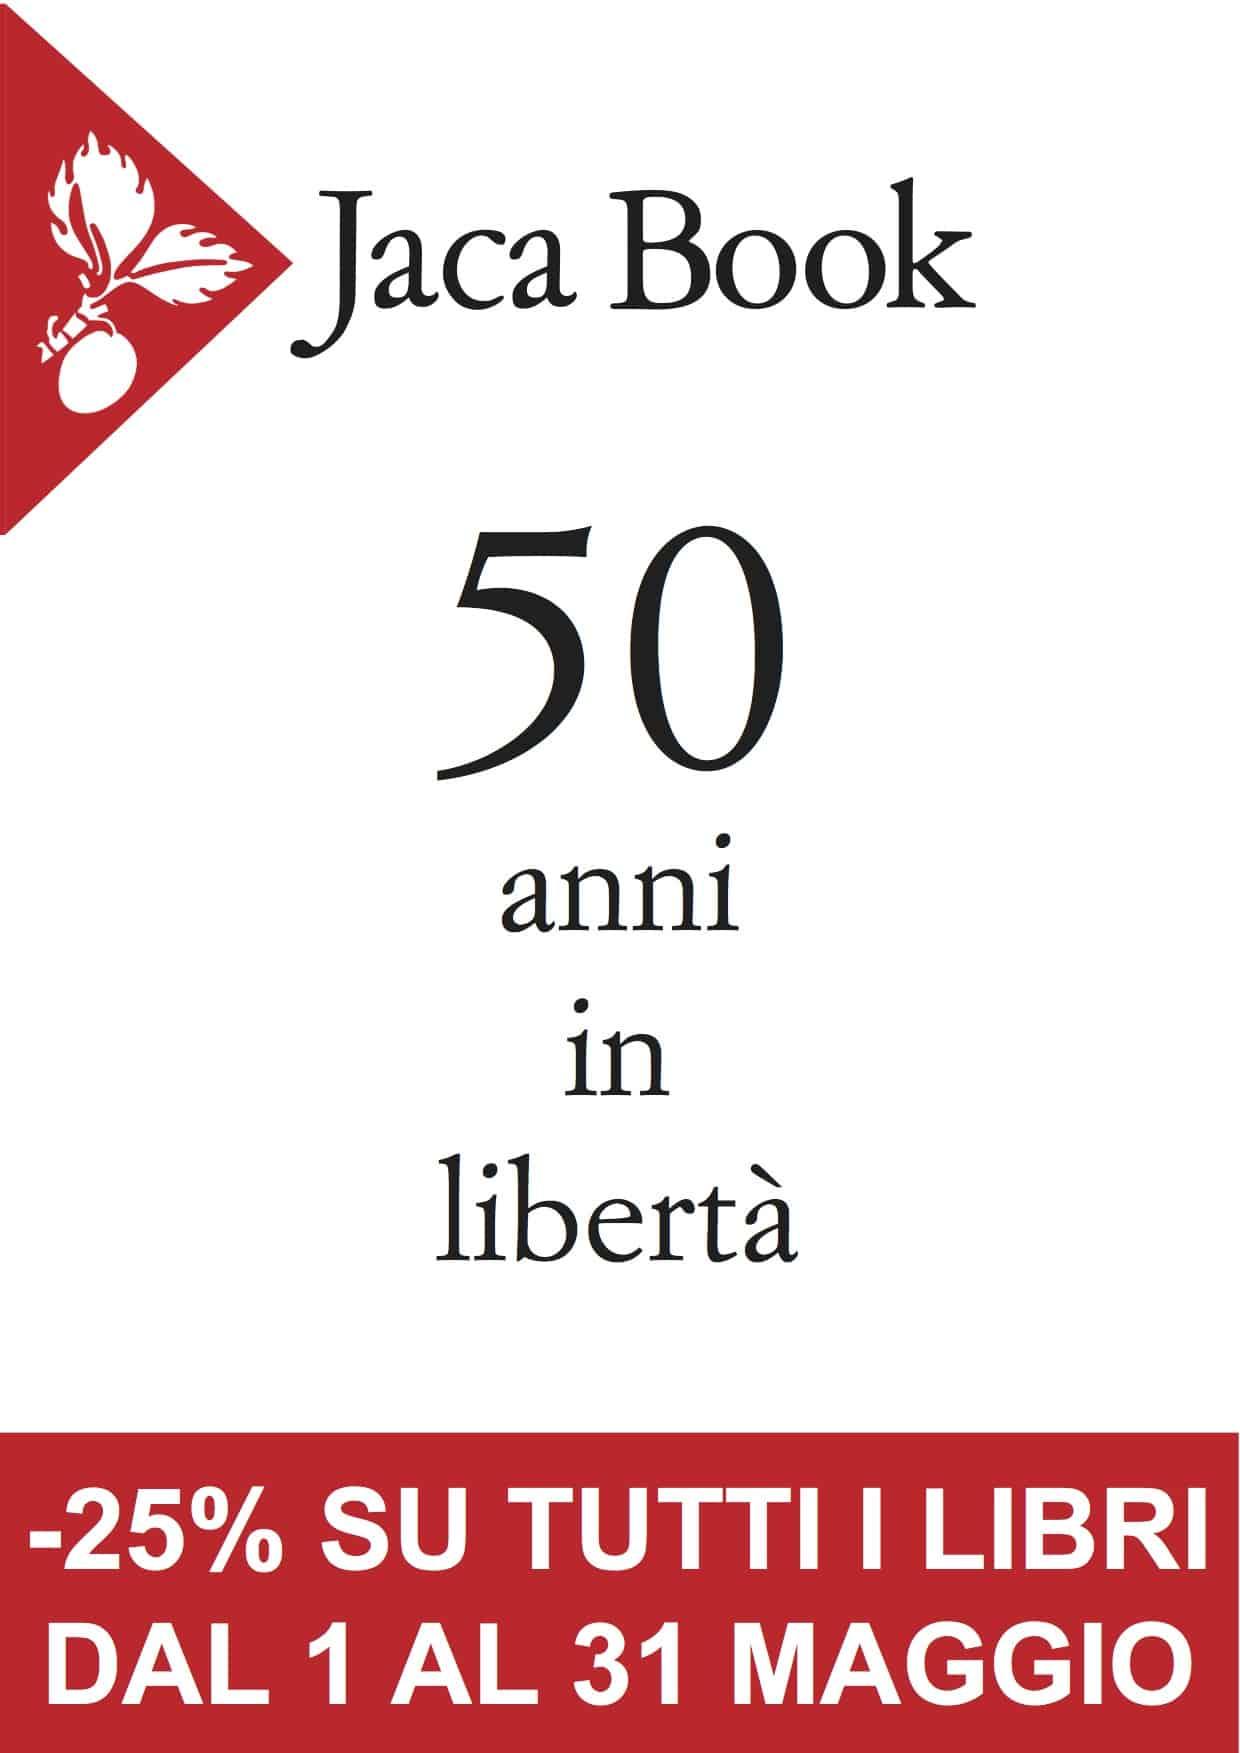 Jaca Book. 50 anni in libertà. -25% su tutti i lobri dall'1 al 31 maggio.